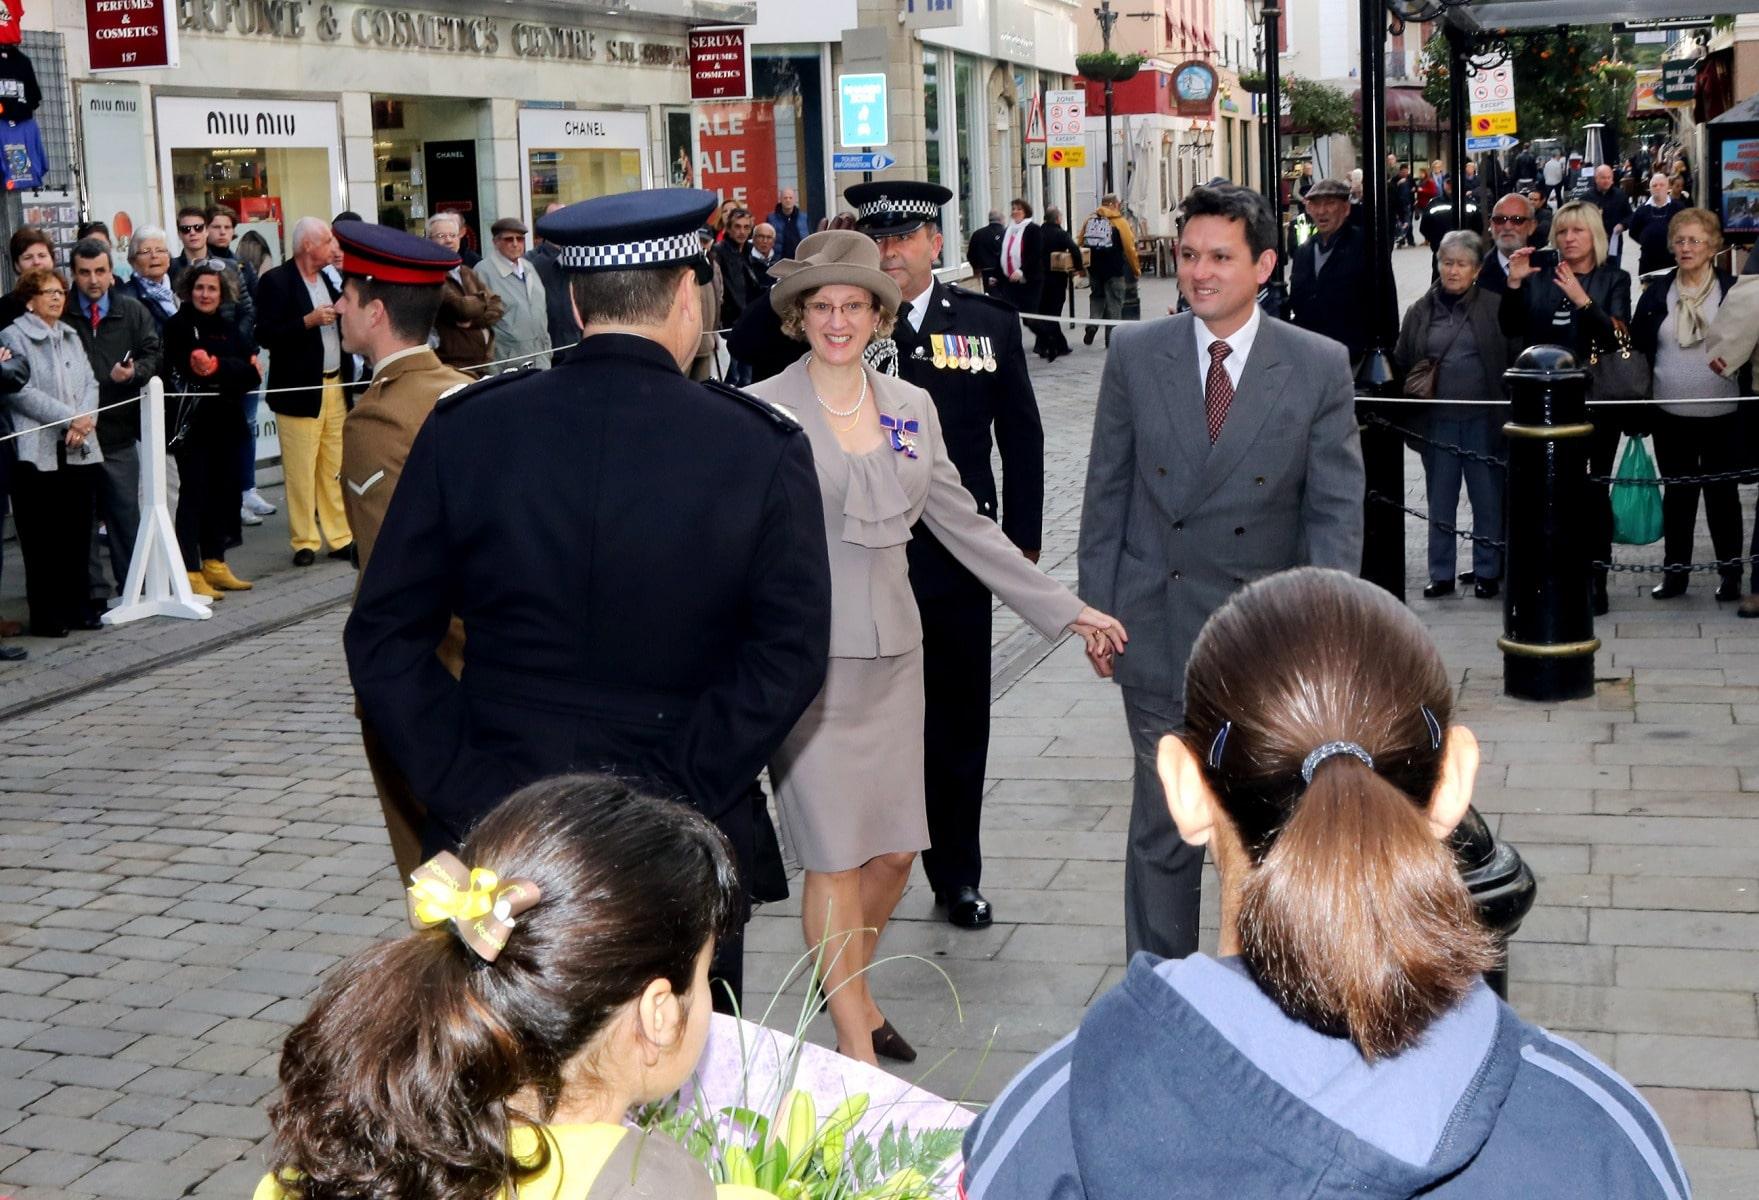 gobernador-de-gibraltar-edward-davis_24470814256_o